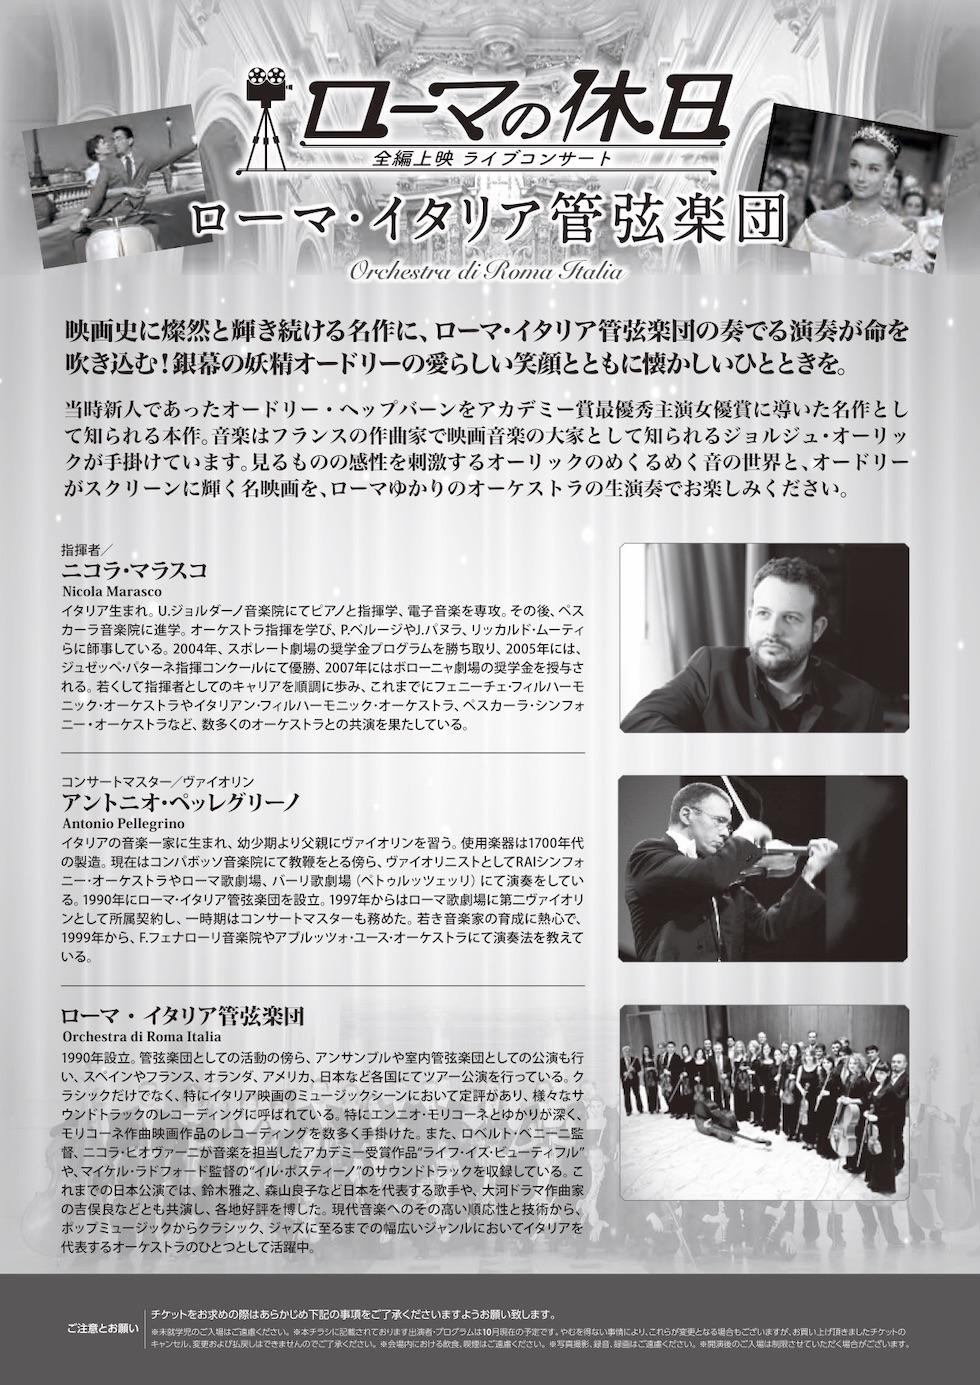 「ローマの休日」 全編上映ライブコンサート ~ローマ・イタリア管弦楽団~